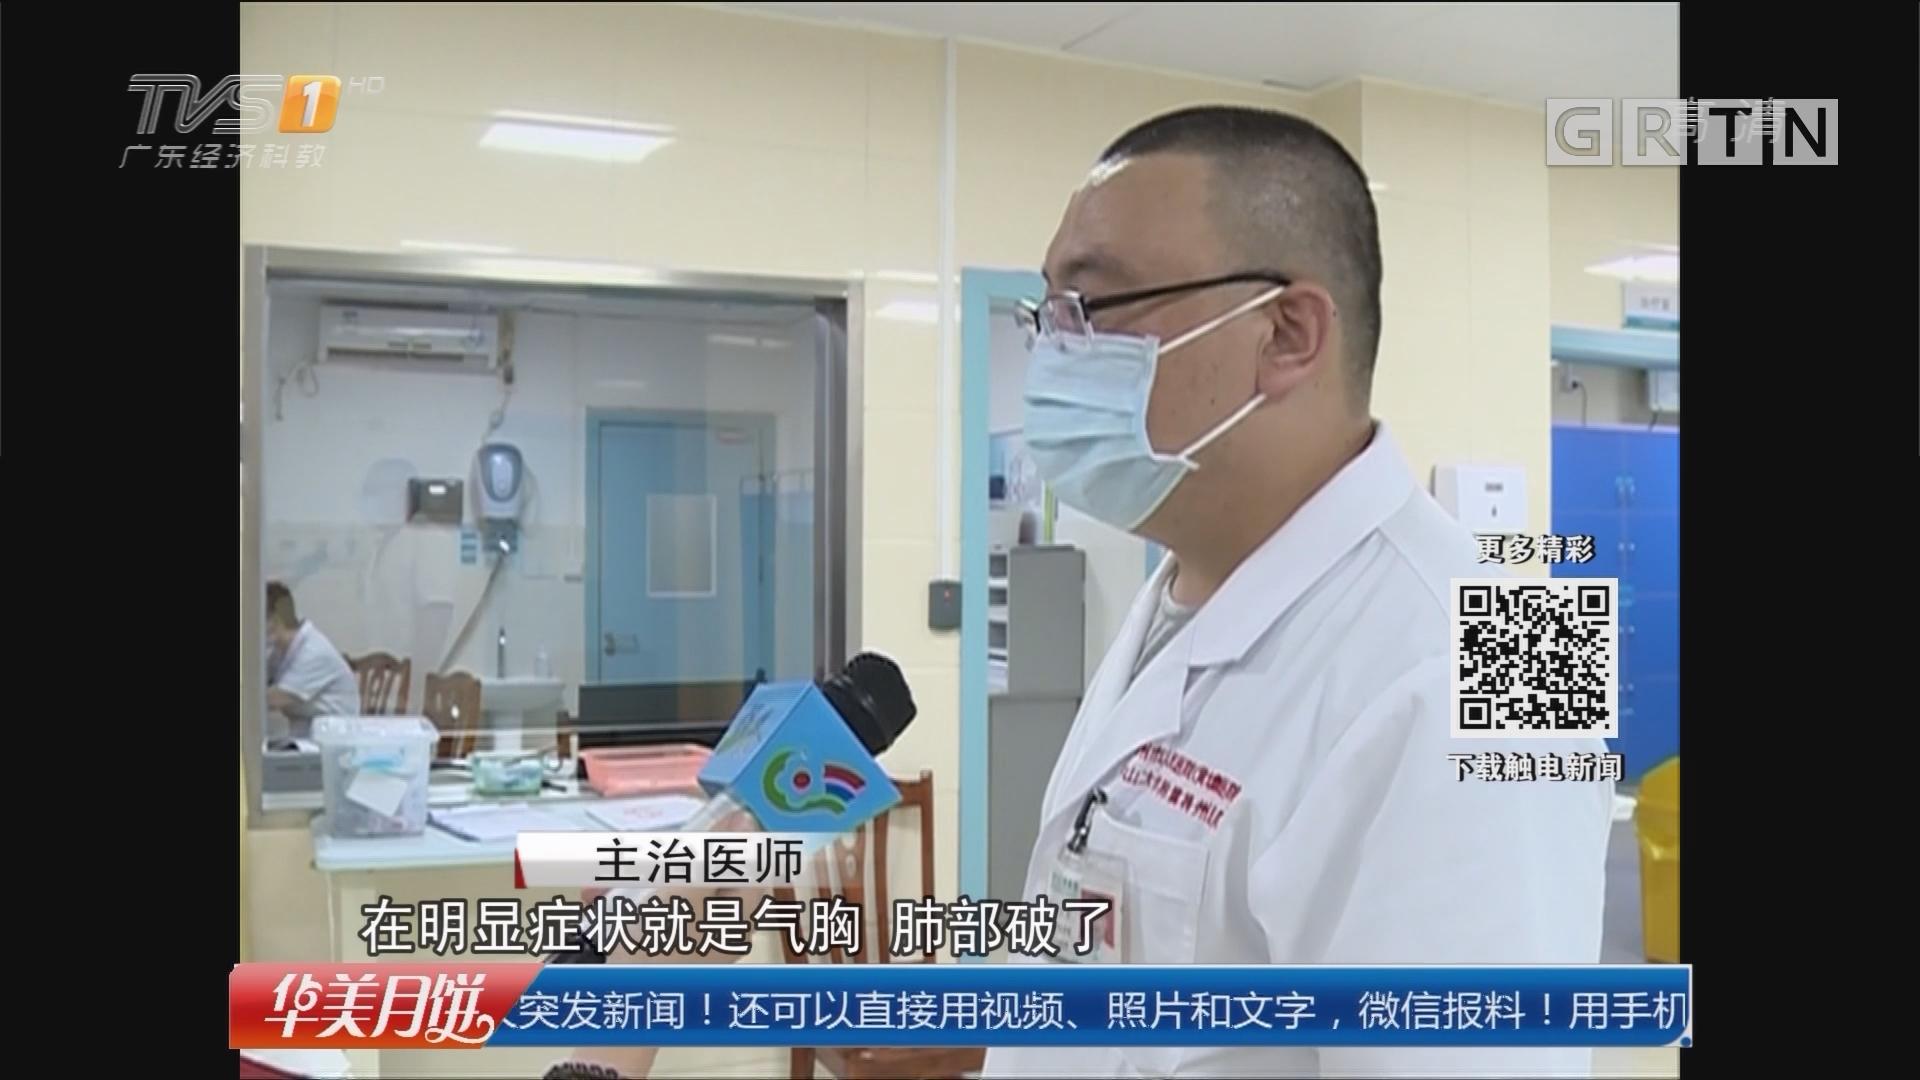 梅州五华:男孩遭钢筋插背 街坊合力营救